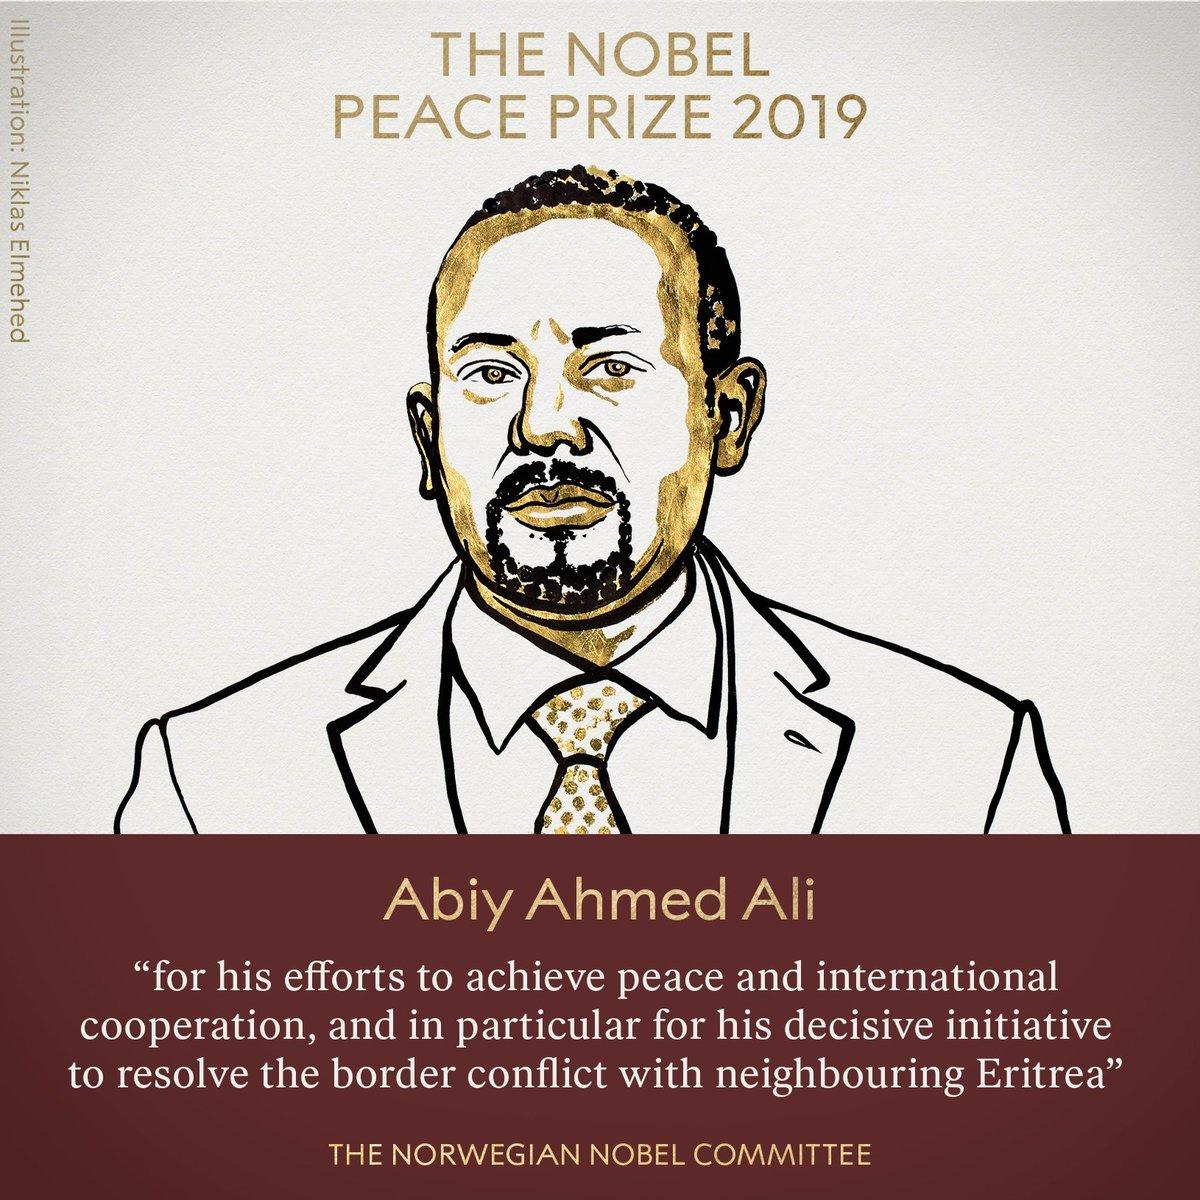 """<p>  <strong>海外网10月11日电 </strong>当地时间10月11日,挪威诺贝尔委员会宣布将2019年诺贝尔和平奖授予埃塞俄比亚总理阿比·艾哈迈德·阿里(Ethiopian Prime Minister Abiy Ahmed Ali)。</p><p>  阿比·艾哈迈德·阿里今年42岁,获得埃塞俄比亚、南非、英国和美国等多所大学学位。2010年起先后担任奥罗莫人民民主组织中央委员、埃塞俄比亚人民代表院议员、科技信息中心主任、科技部部长、奥罗米亚州城市发展与规划局局长、奥罗莫人民民主组织书记处书记等职务。2018年2月当选奥罗莫人民民主组织主席,3月当选执政党埃塞俄比亚人民革命民主阵线主席,4月就任联邦政府总理。</p><p>  根据诺贝尔奖官方网站介绍,诺贝尔和平奖创立于1901年,是根据瑞典著名化学家阿尔弗雷德 伯恩哈德 诺贝尔的遗嘱而设立的,旨在奖励""""为促进民族团结友好、取消或裁减常备军队以及为举行和平会议尽到最大努力或作出最大贡献的人""""。</p><p>  与其他几项诺贝尔奖不同,和平奖的颁发地点不在瑞典首都斯德哥尔摩,而是在挪威首都奥斯陆。获奖者既可以是个人,也可以是机构。获奖者将获得证书、金质奖章和奖金支票。奖章正面是诺贝尔的头像,背面刻有铭文,意为""""为了人类的和平与情谊""""。</p><p>  据诺奖官网介绍,诺贝尔和平奖至今已颁发100次。截至2018年,最年轻的获奖者为时年17岁的巴基斯坦少女马拉拉·优素福·扎伊,最年长者为时年87岁的英国著名原子物理学家、反核人士约瑟夫·罗特布拉特。共有17名女性曾获奖。</p><p>  以下为近几年的诺贝尔和平奖获得者:</p><p>  2018年,授予刚果(金)妇科医生德尼·穆奎格和伊拉克人权活动人士纳迪娅·穆拉德,以表彰他们为反对在战争和武装冲突中使用性暴力而做出的努力。</p><p>  2017年,授予国际非政府组织""""国际废除核武器运动"""",以表彰该组织致力于普及核武器给人类带来巨大灾难的相关知识以及争取彻底消除核武器的努力。</p><p>  2016年的获得者为哥伦比亚总统桑托斯。获奖理由是,他持久的努力结束了该国超过50年之久的内战。</p><p>  2019年诺贝尔奖从10月7日起陆续揭晓。7日当天公布了生理学或医学奖获得者——美国医学家威廉·凯林、格雷格·塞门扎以及英国医学家彼得·拉特克利夫,他们凭借革命性地发现让人们理解了细胞在分子水平上感受氧气的基本原理而获奖。</p><p>  8日,2019年诺贝尔物理学奖则颁发给了美国科学家詹姆斯·皮布尔斯,以及两位瑞士科学家米歇尔·马约尔和迪迪埃·奎洛兹,以表彰他们在天体物理领域所作出的杰出贡献。</p><p>  9日,2019年诺贝尔化学奖揭晓,美国科学家约翰·古迪纳夫、英裔美国科学家斯坦利·惠廷厄姆与日本科学家吉野彰共同获得此奖,以表彰他们在锂离子电池领域作出的突出贡献。</p><p>  10日,瑞典文学院宣布将2018年和2019年诺贝尔文学奖分别授予波兰女作家奥尔加·托卡尔丘克和奥地利作家彼得·汉德克,获奖理由为:托卡尔丘克""""充满激情的叙事想象力代表了一种跨越边界的生活形式"""",而汉德克用其""""富有语言学才能的、有影响力的著作探索了人类经验的外围及特异性""""。</p><p>  另据诺奖官网消息,14日将公布诺贝尔经济学奖获得者。(海外网 吴倩 王珊宁 李萌)</p>"""